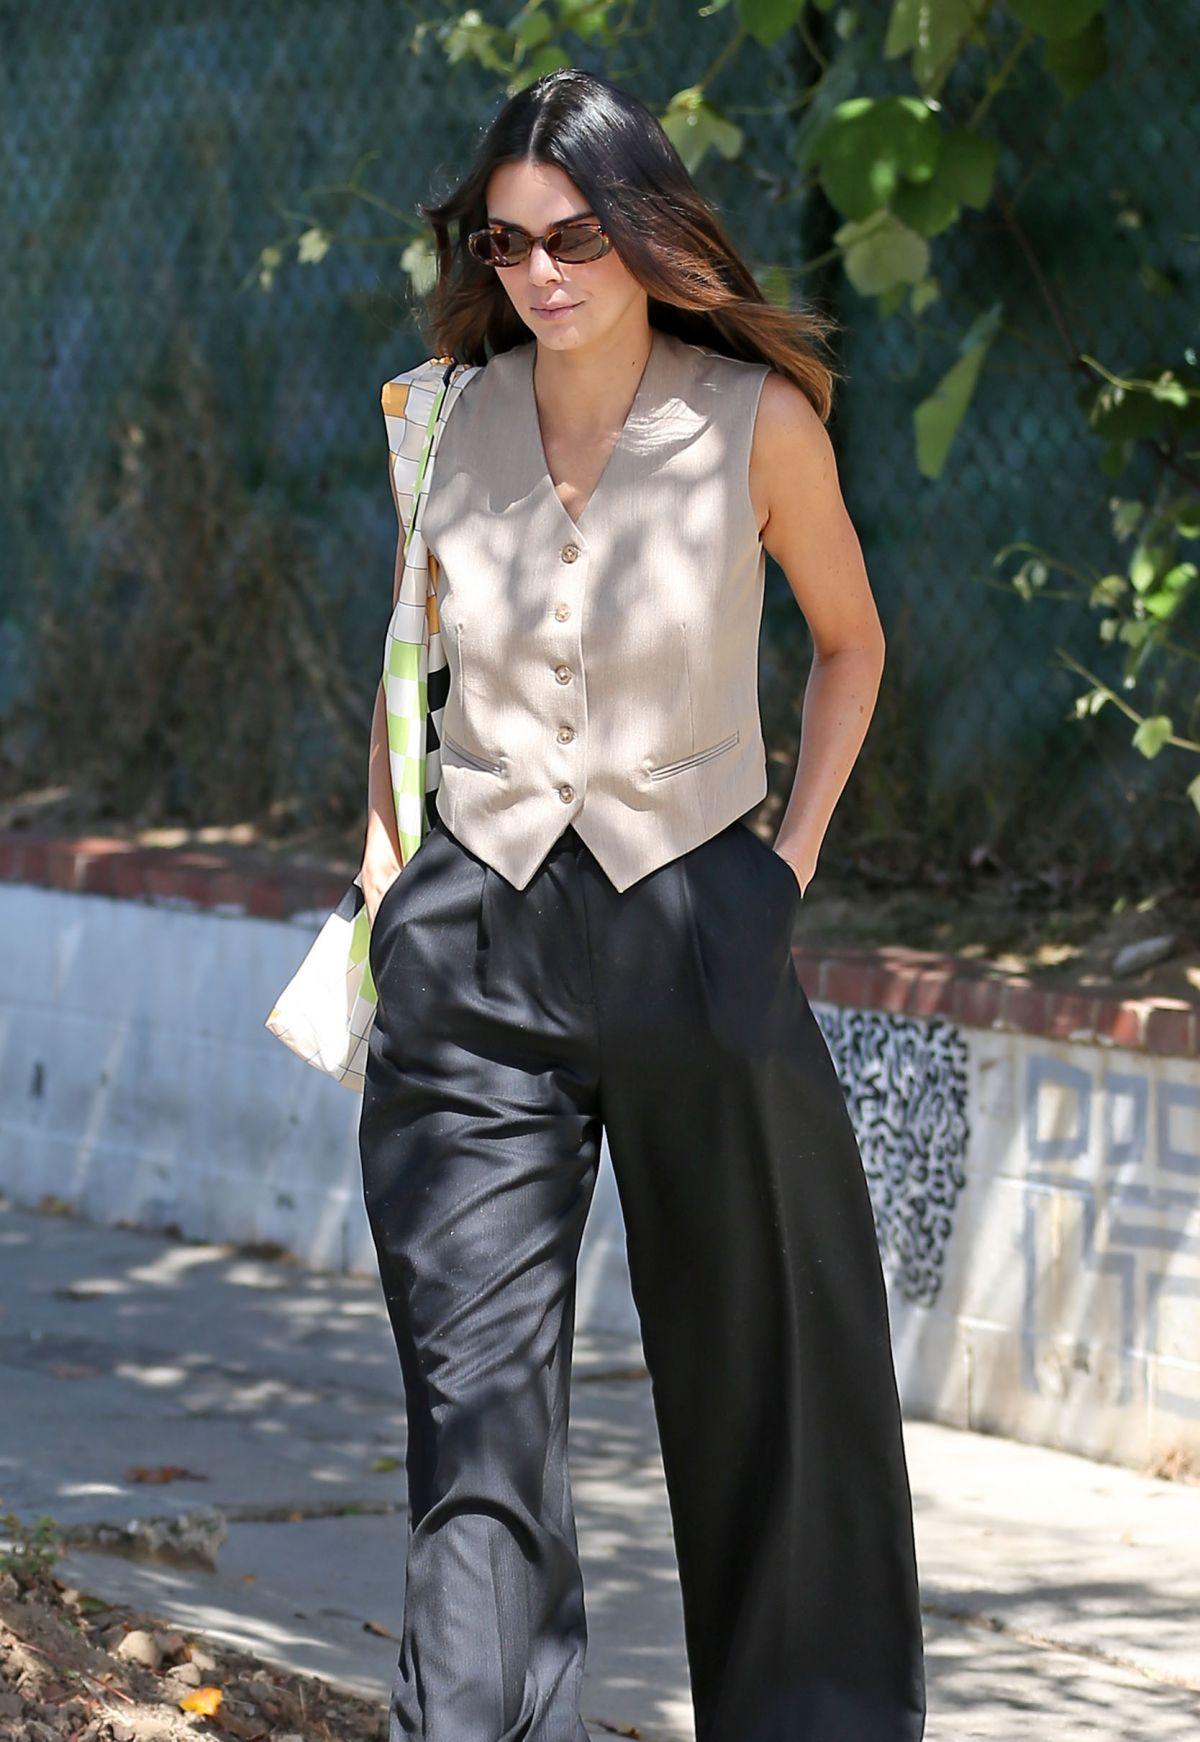 Trang phục veston mang tới nét cá tính cho phụ nữ ở mọi phong cách và lứa tuổi